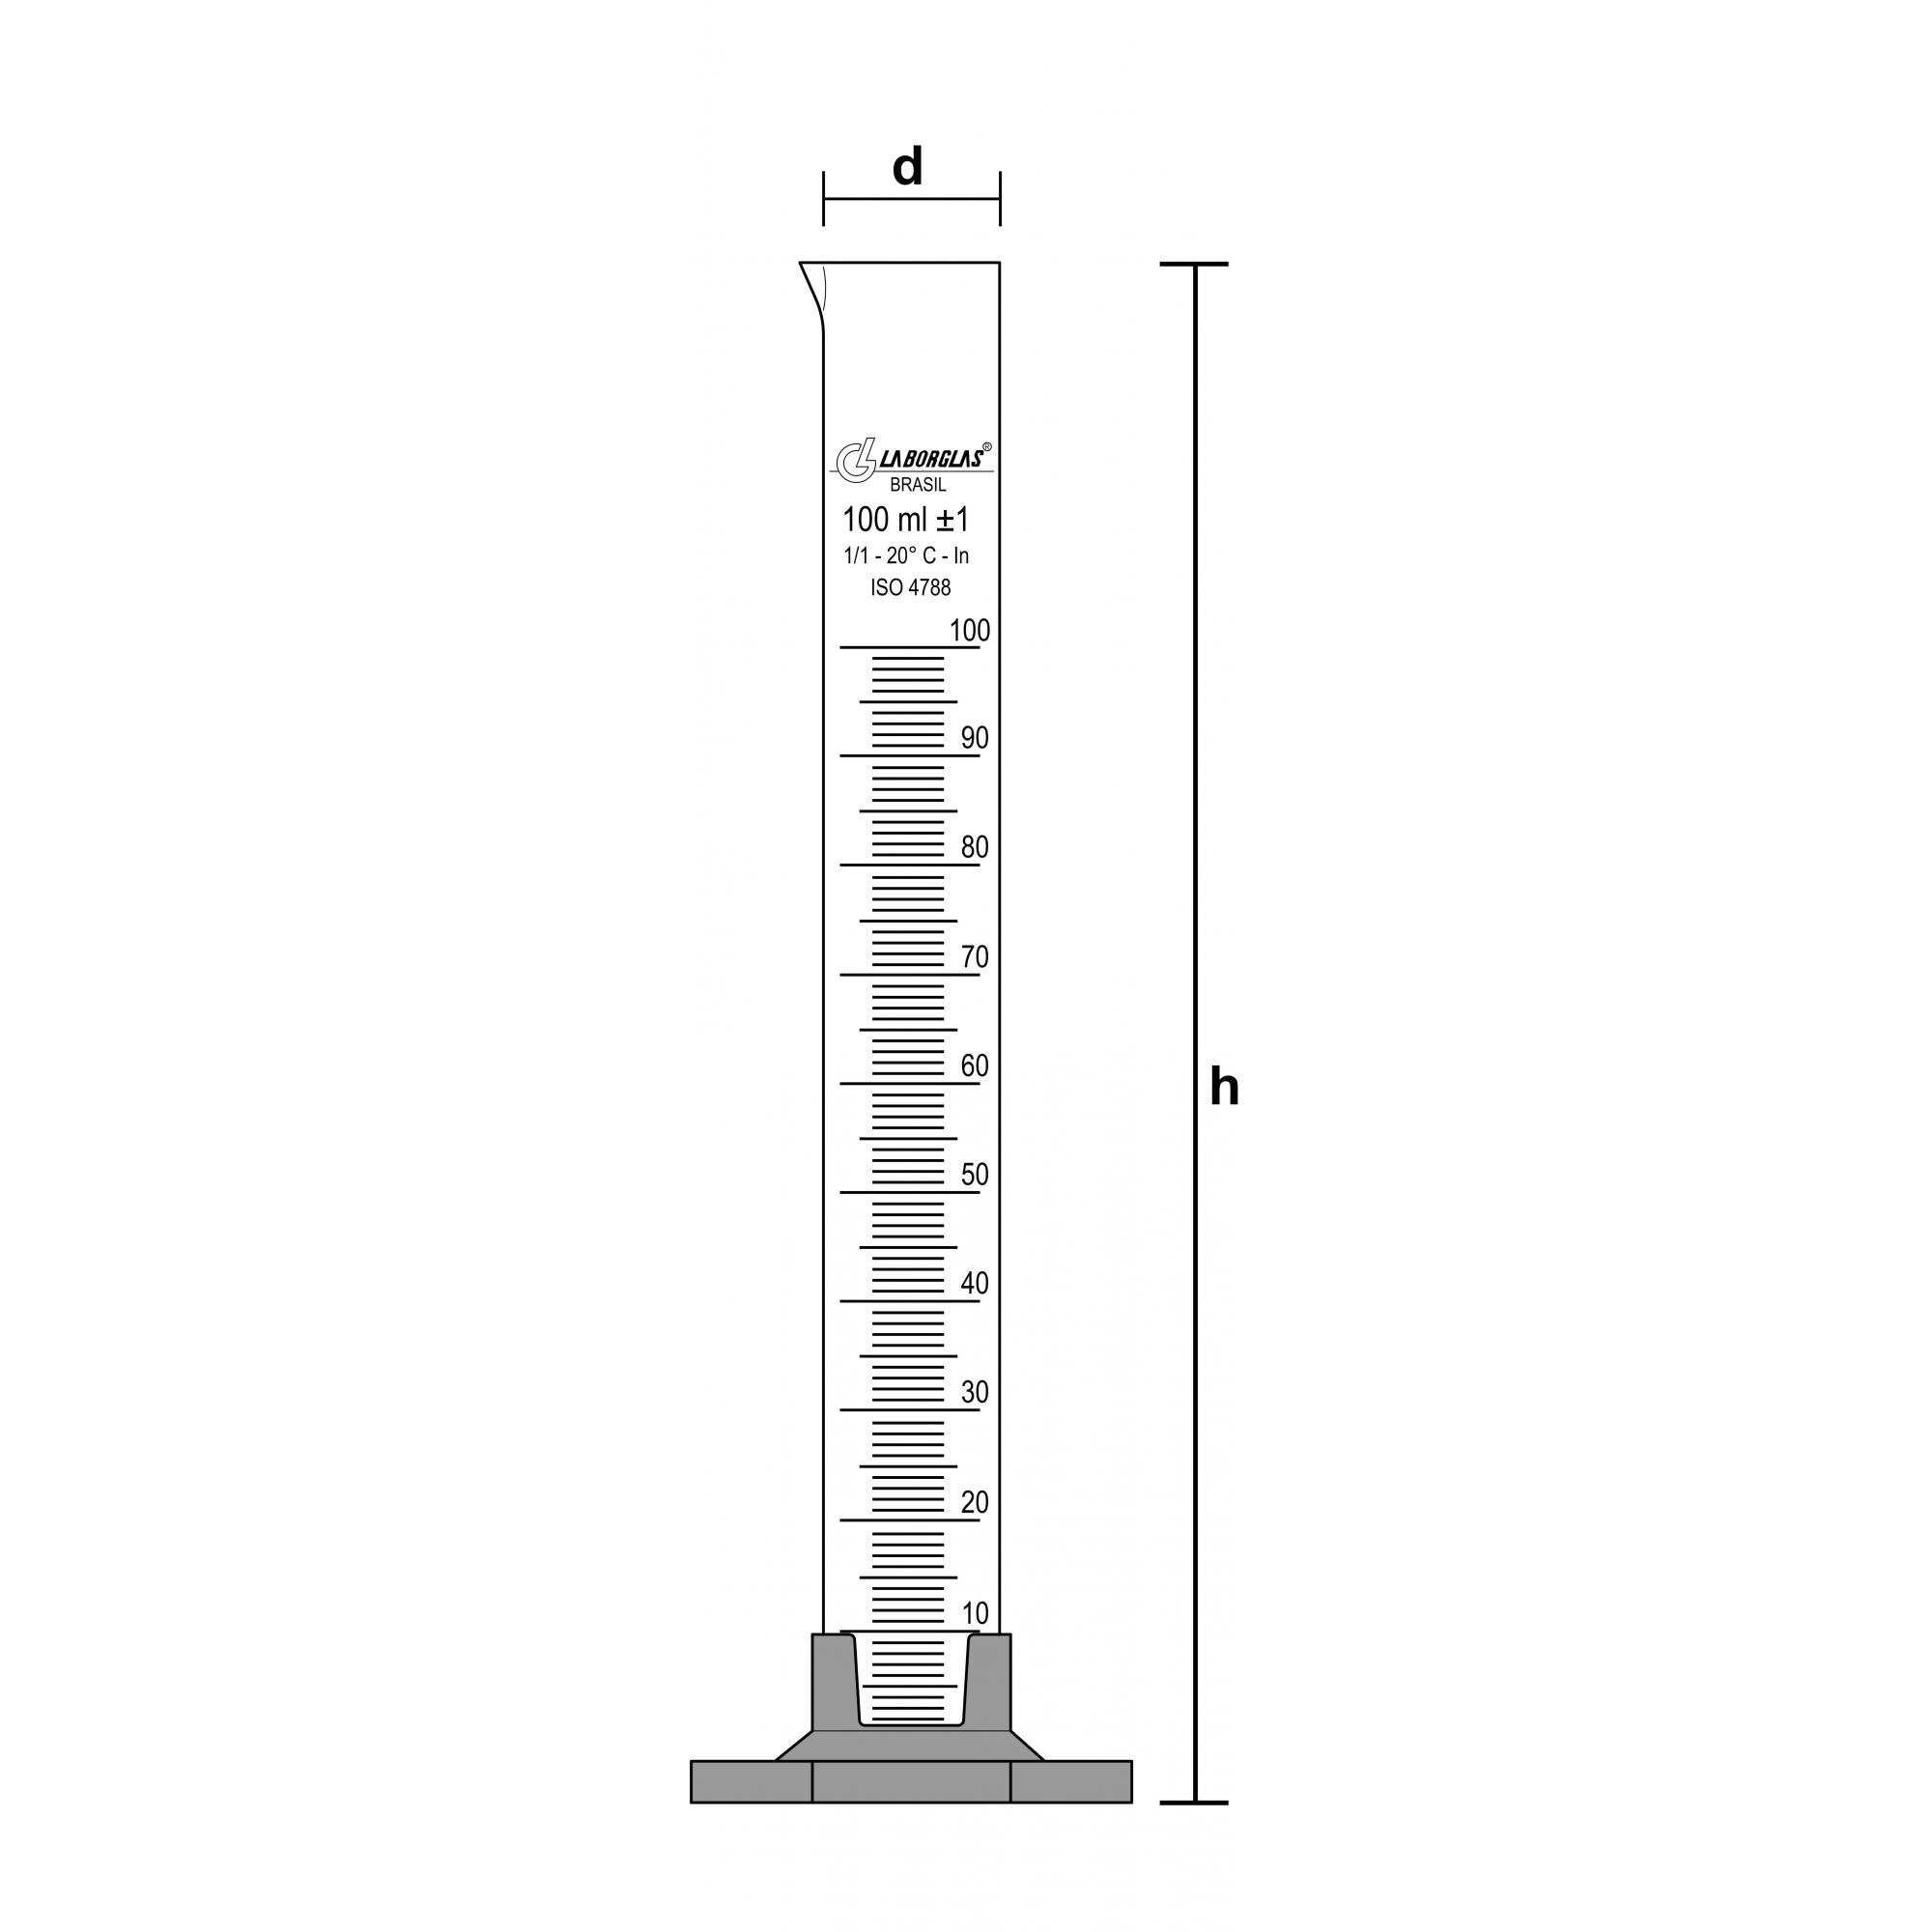 PROVETA GRADUADA BASE HEXAGONAL DE POLIPROPILENO 50 ML - Laborglas - Cód. 9138617